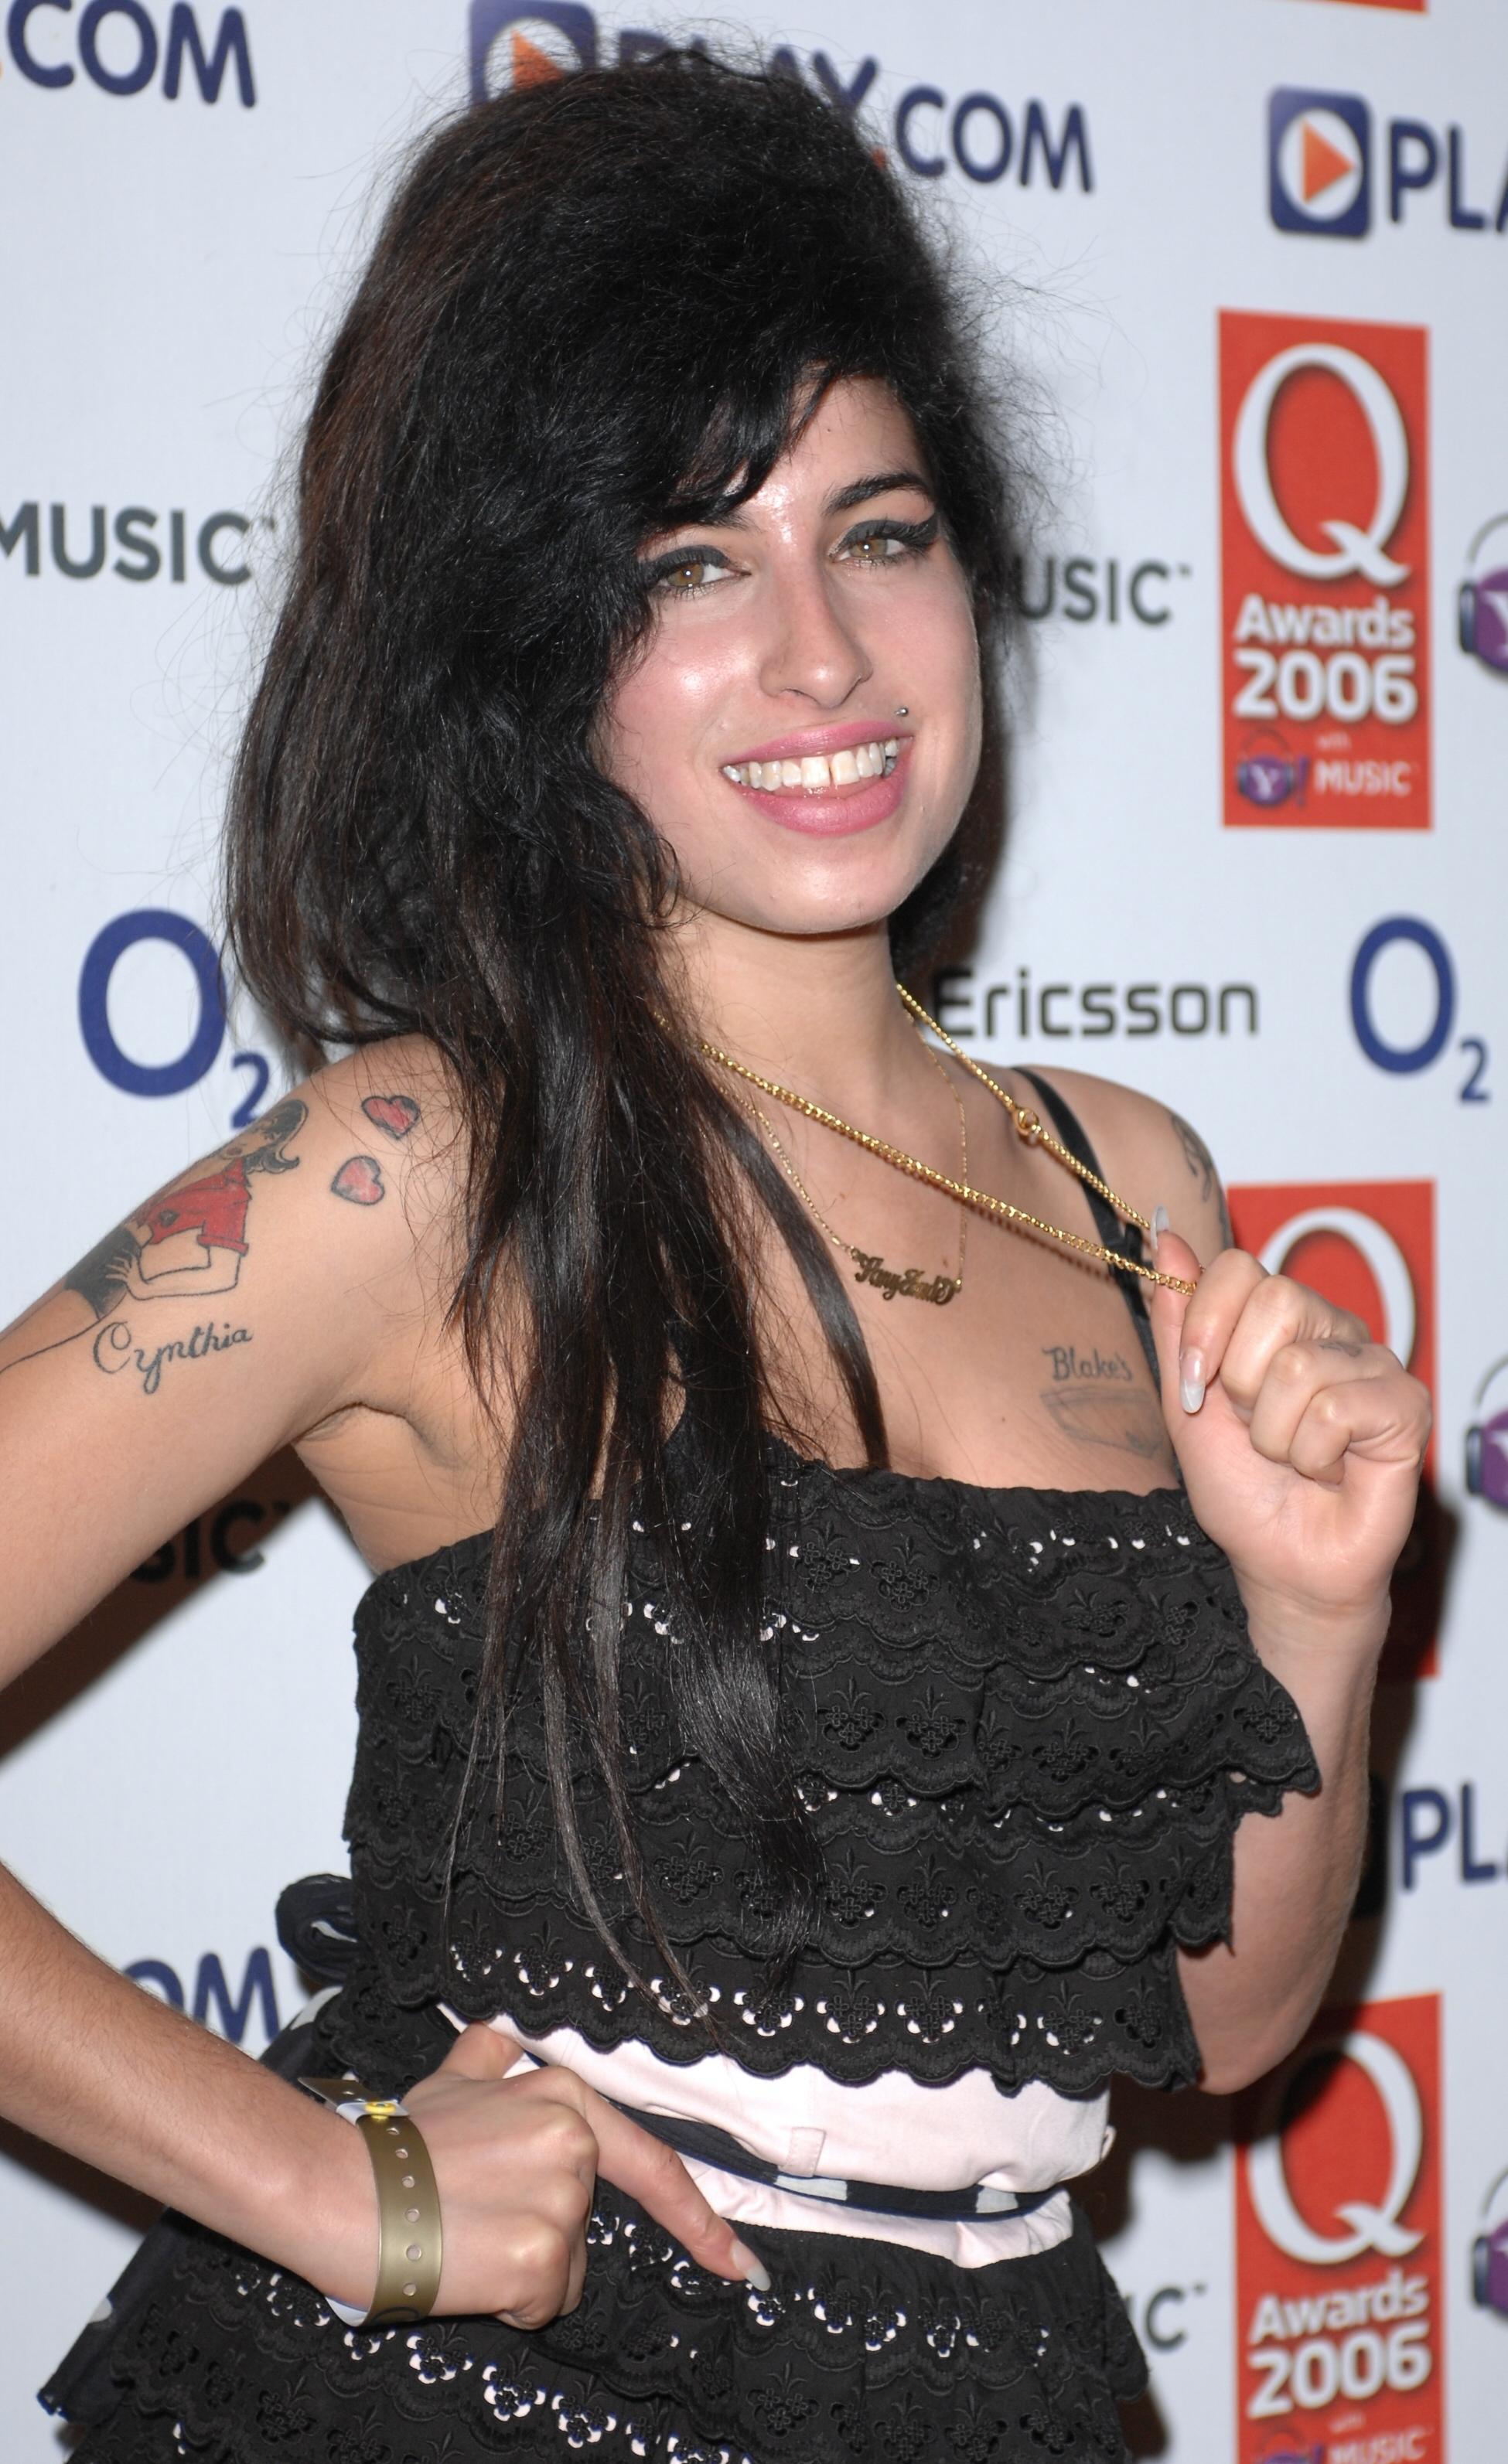 R.I.P. Amy Winehouse